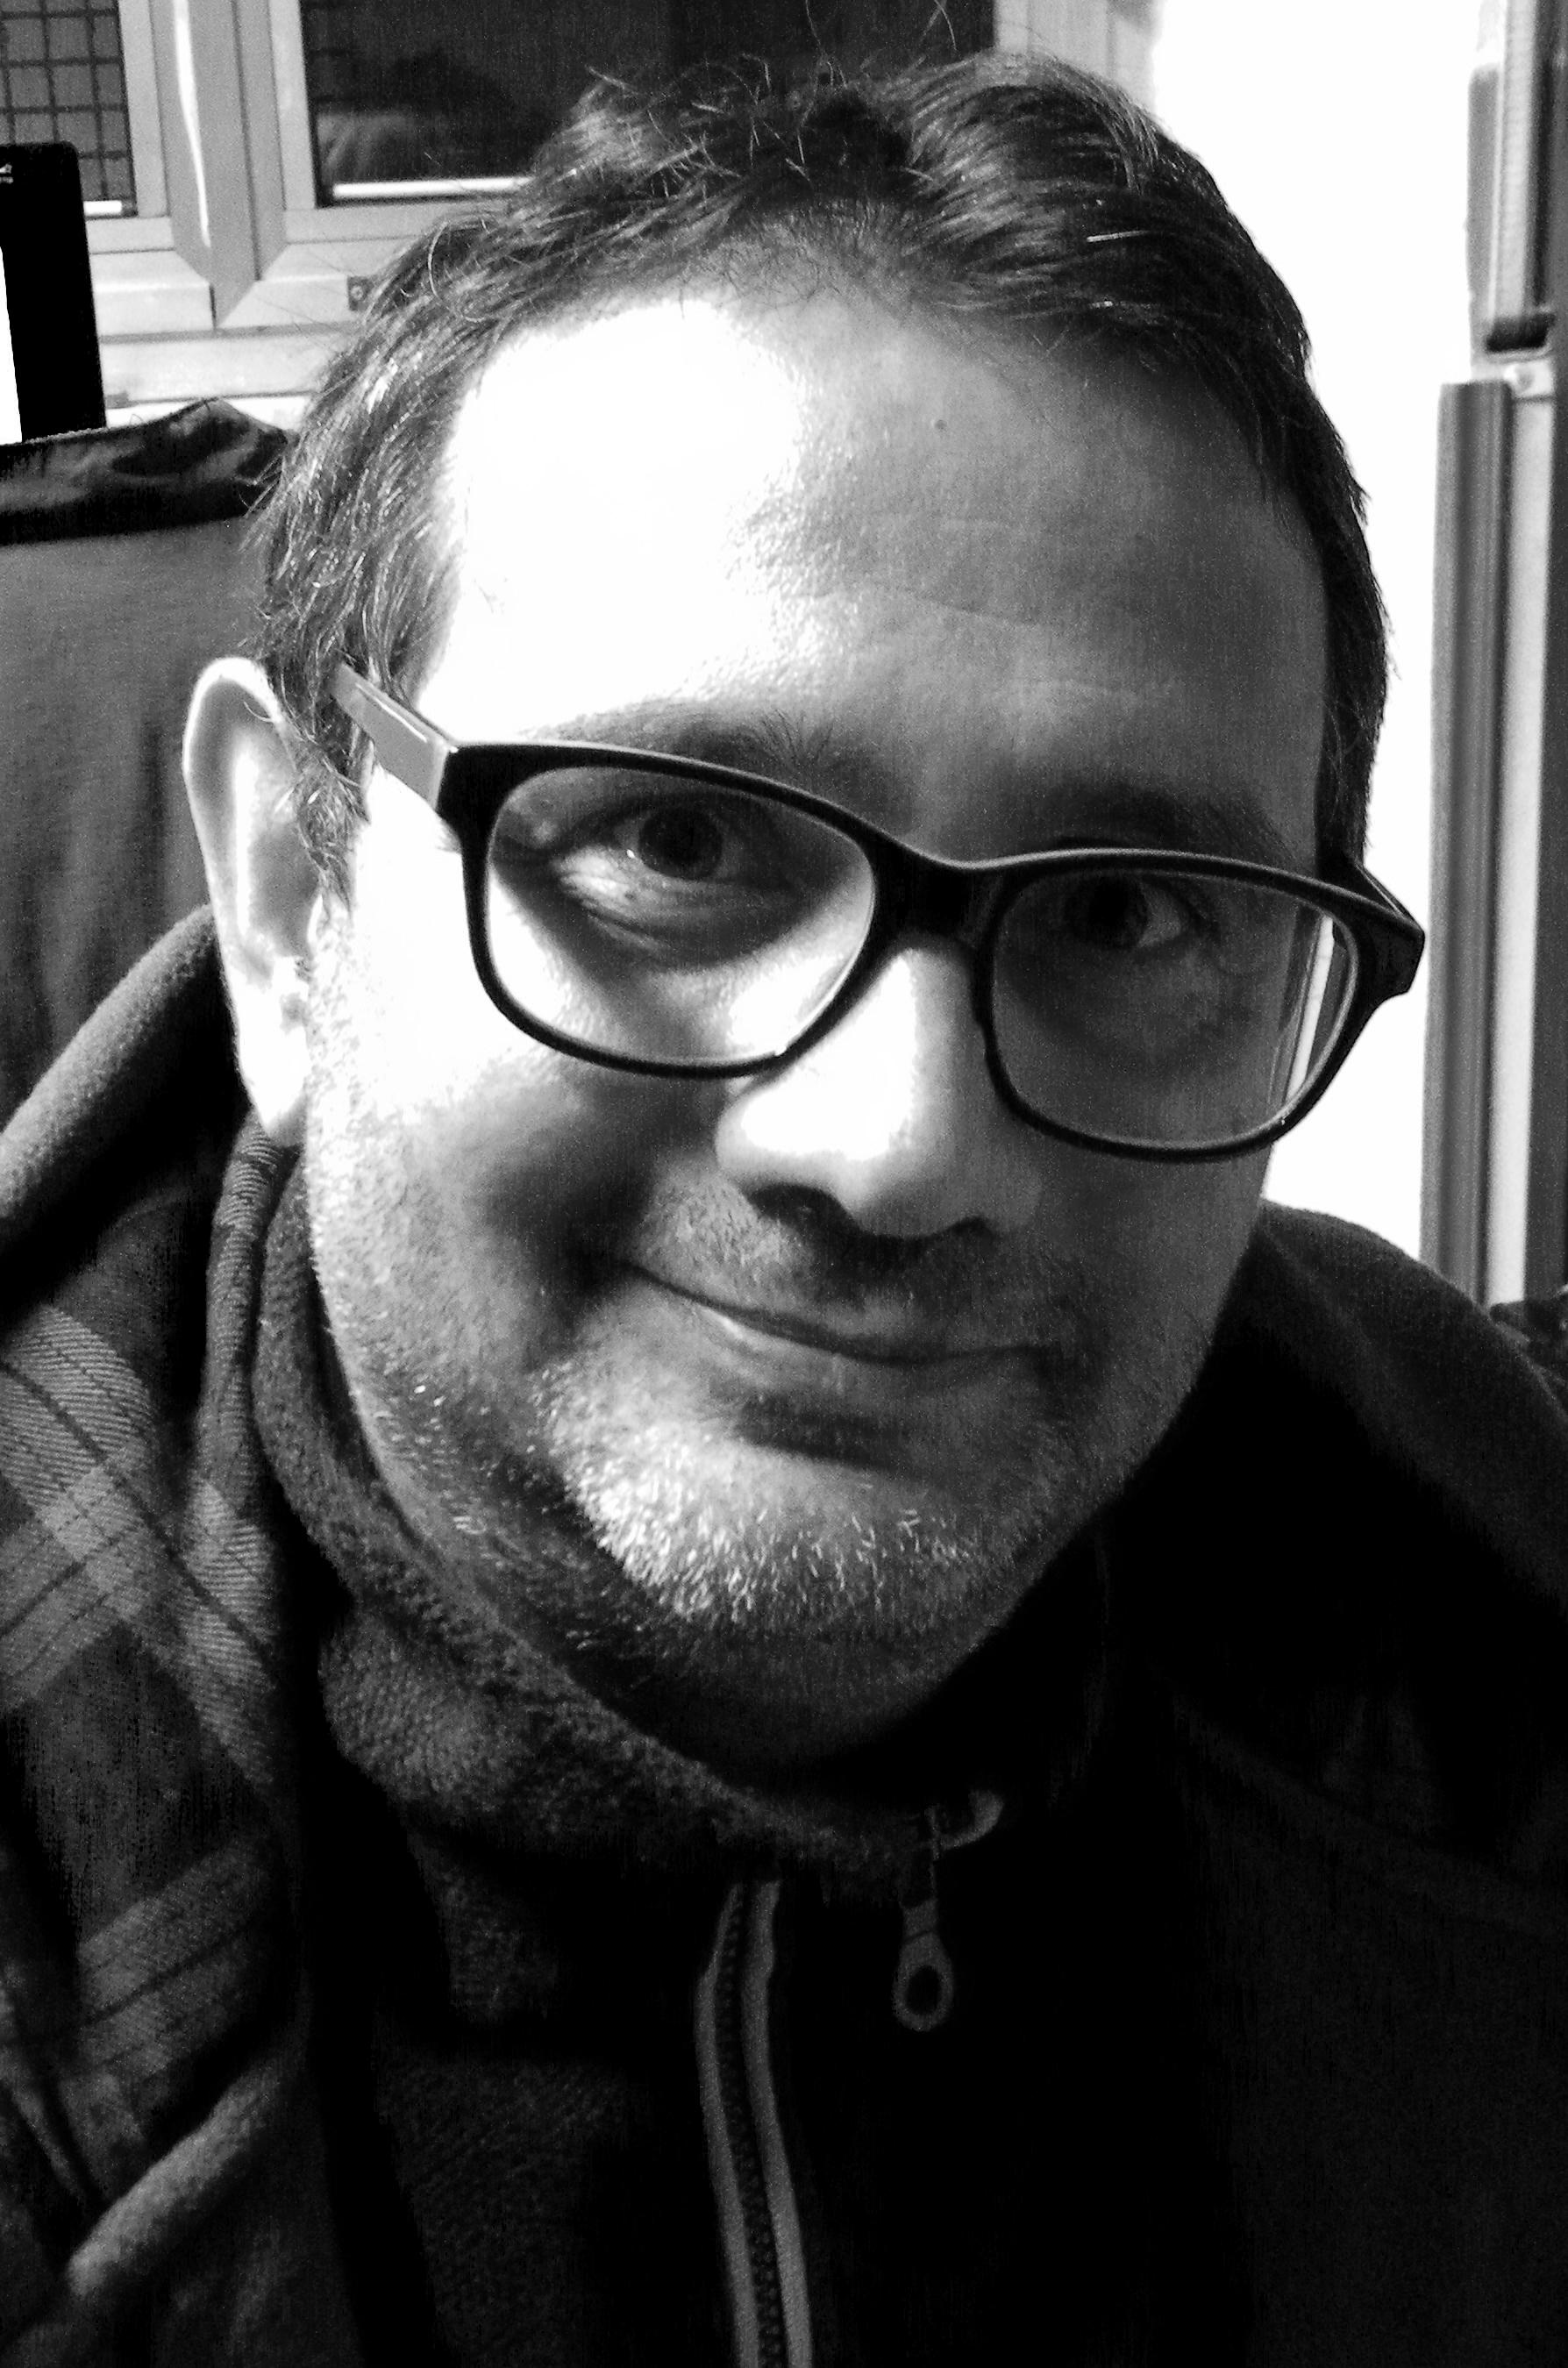 P. Salvatore Giardina